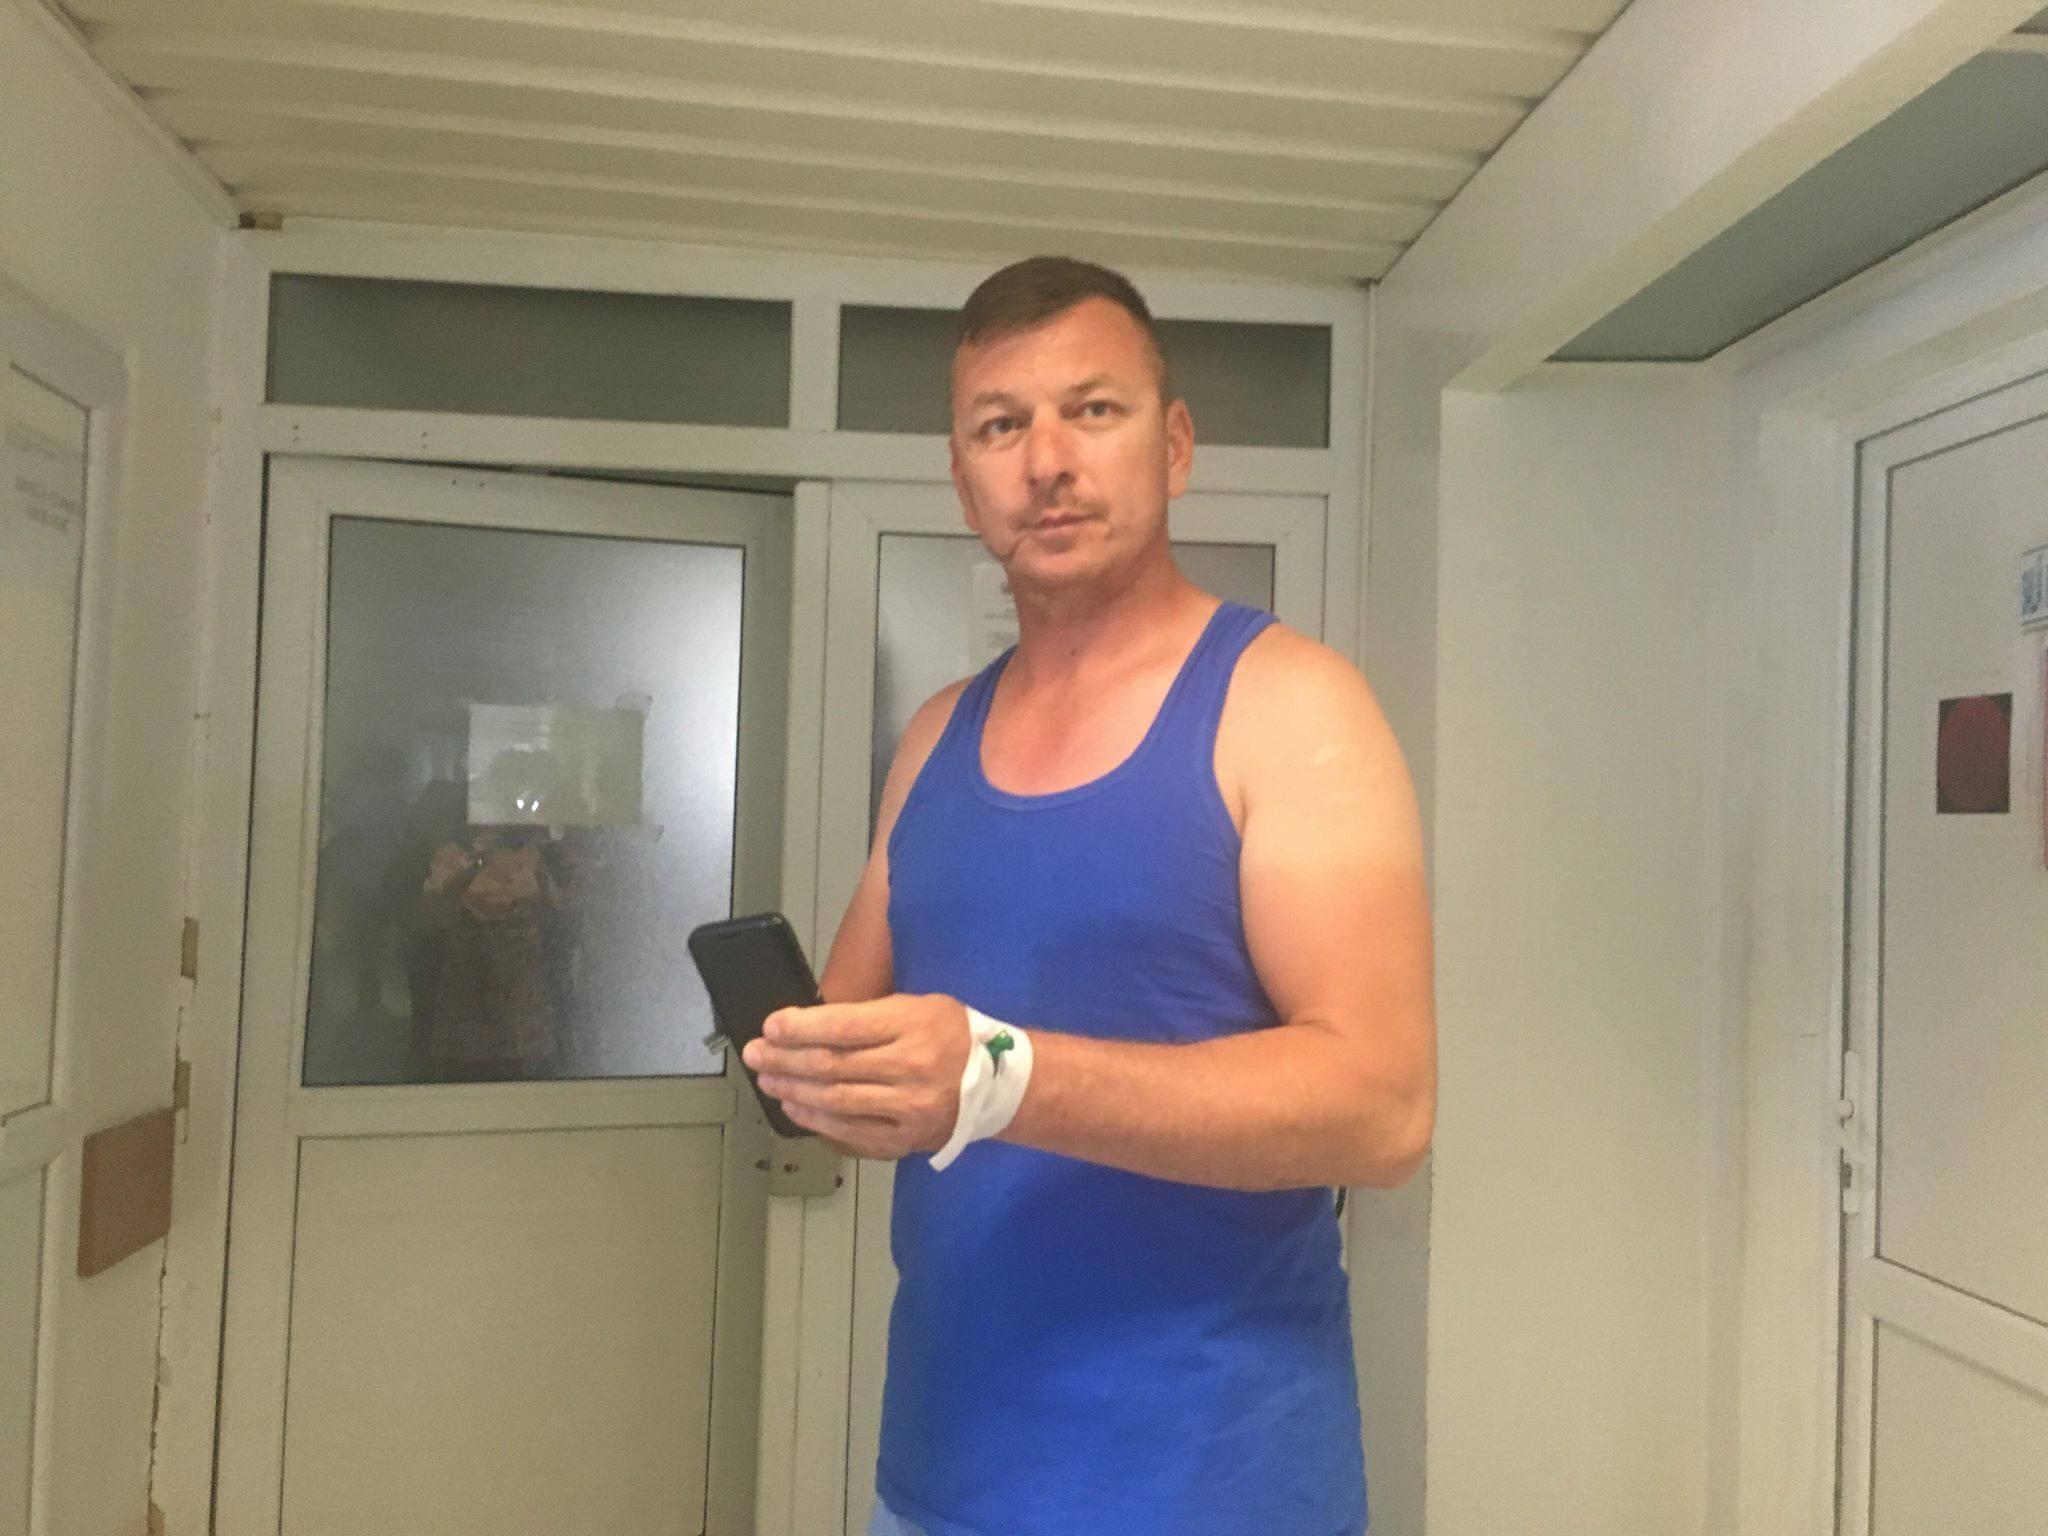 Anchetă la SJU Craiova, după ce un urolog a refuzat să opereze un pacient